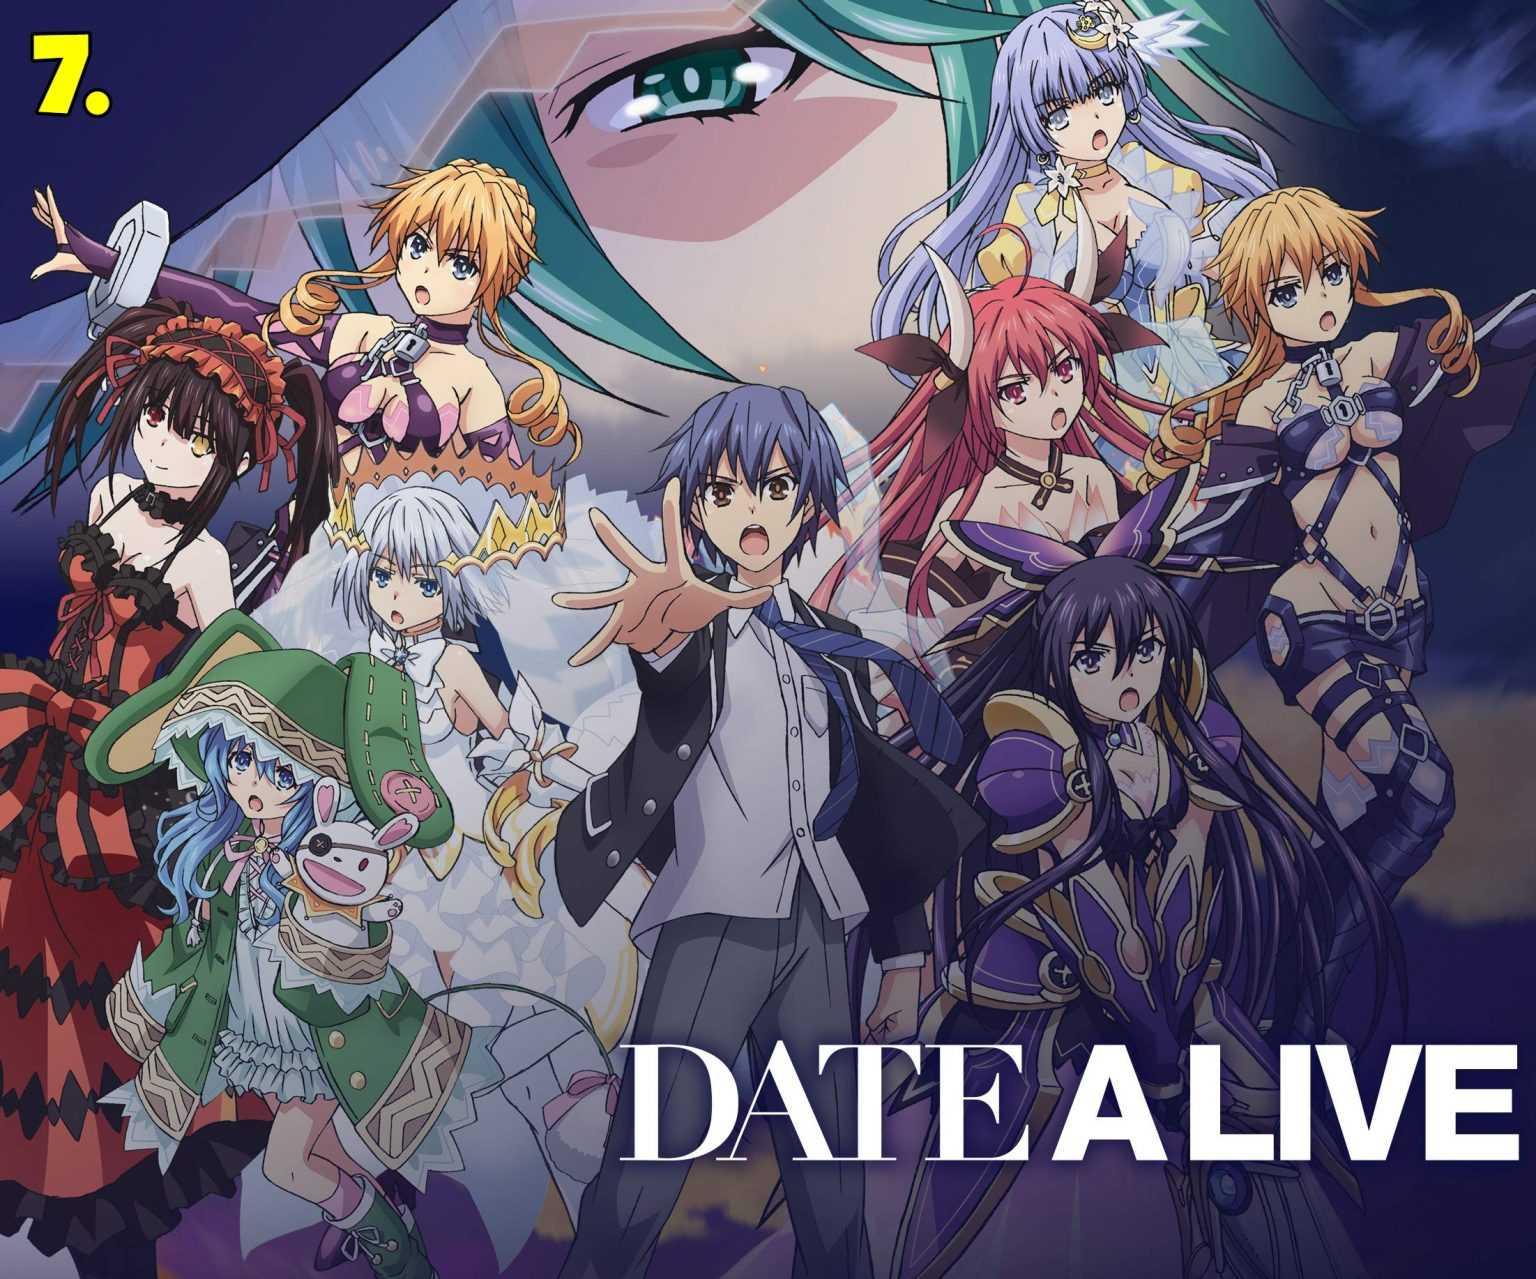 Date-A-Live